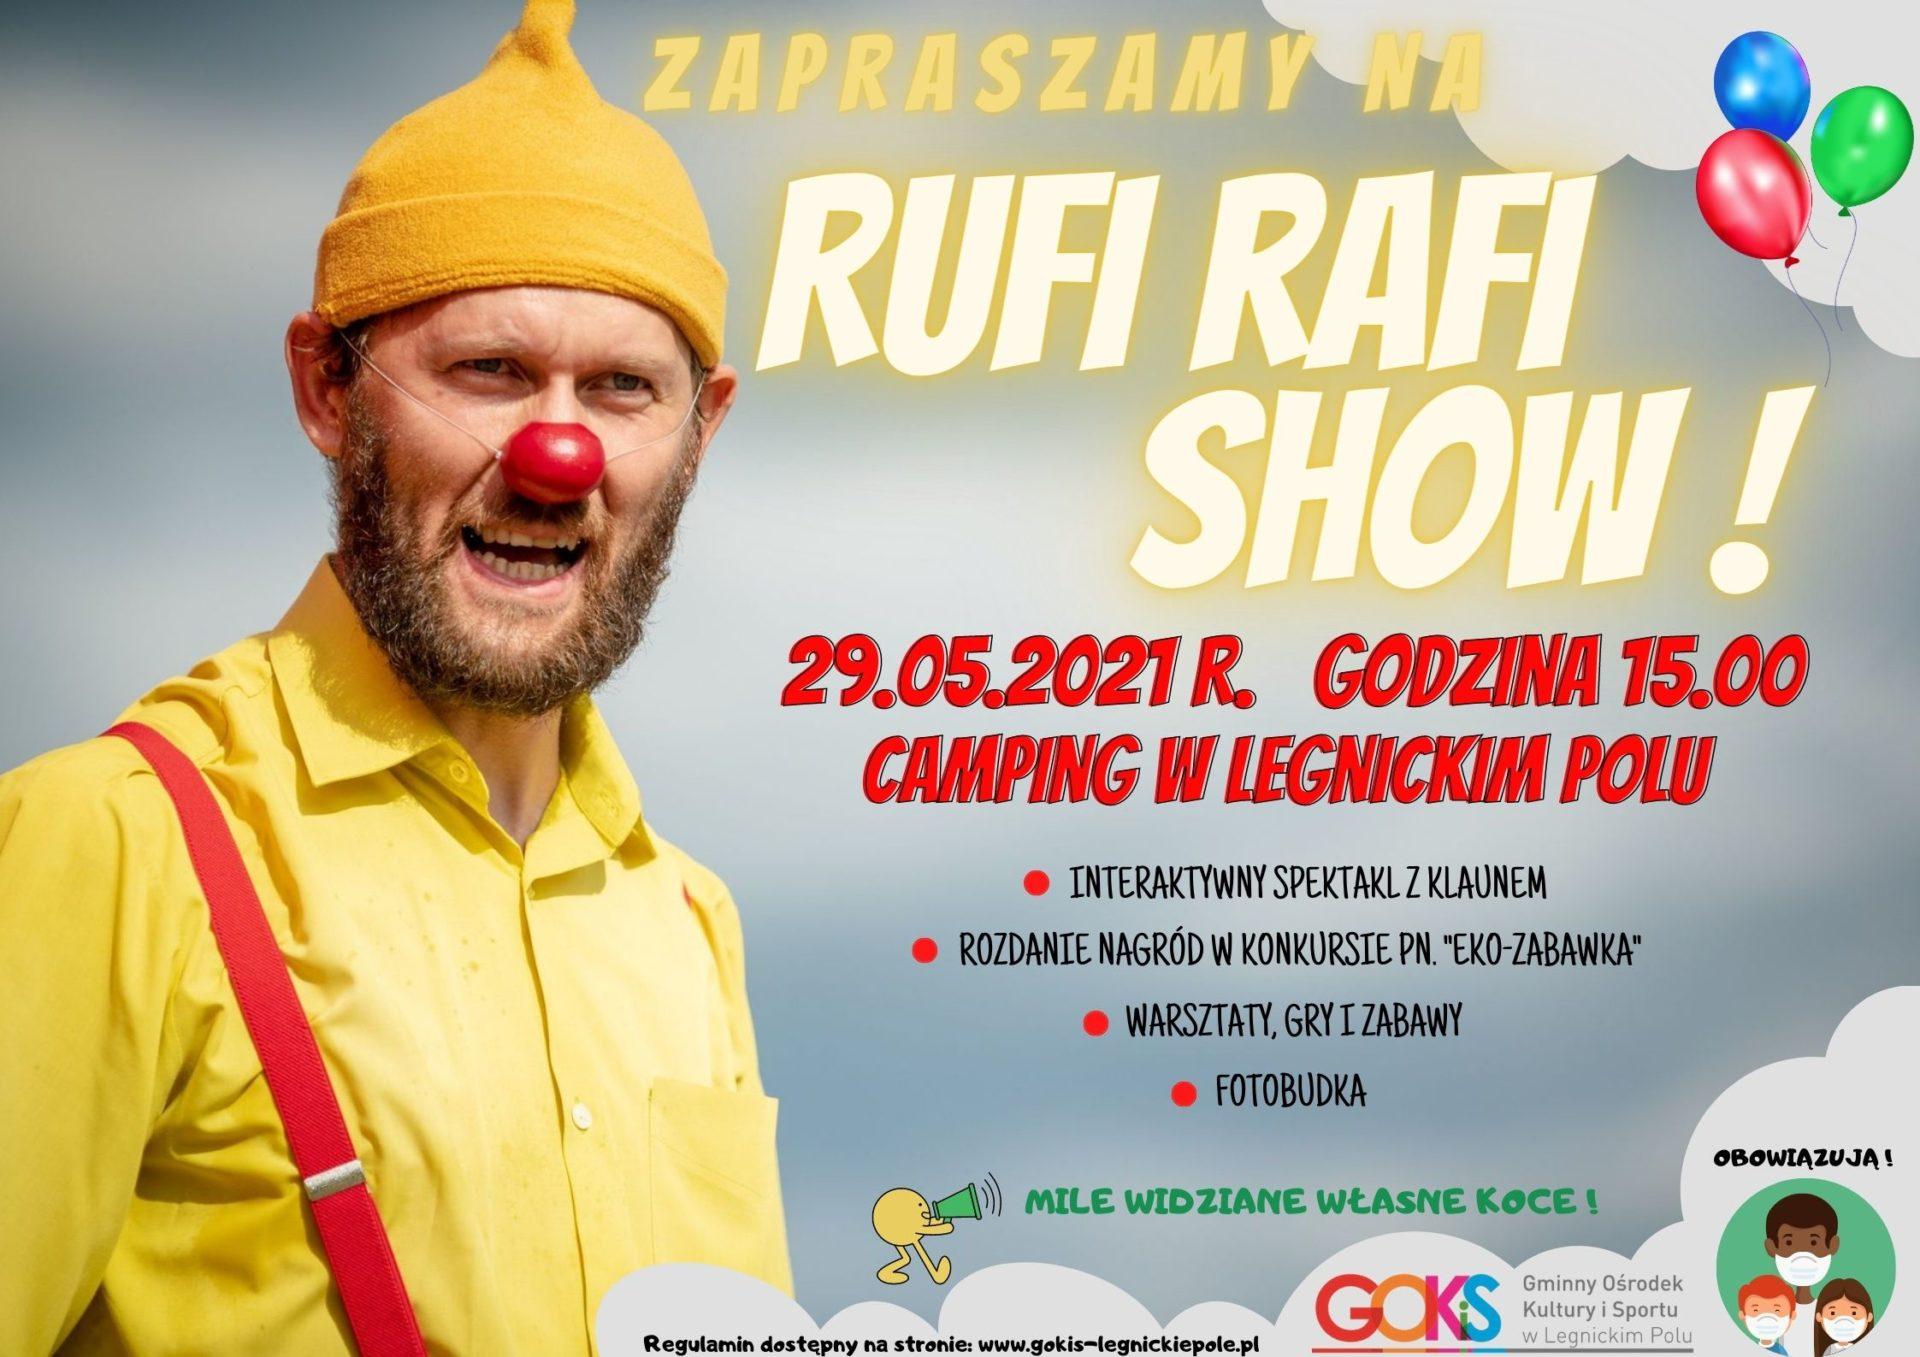 plakat przedstawia postać klauna oraz szczegółowe informacje na temat wydarzenia z okazji dnia dziecka